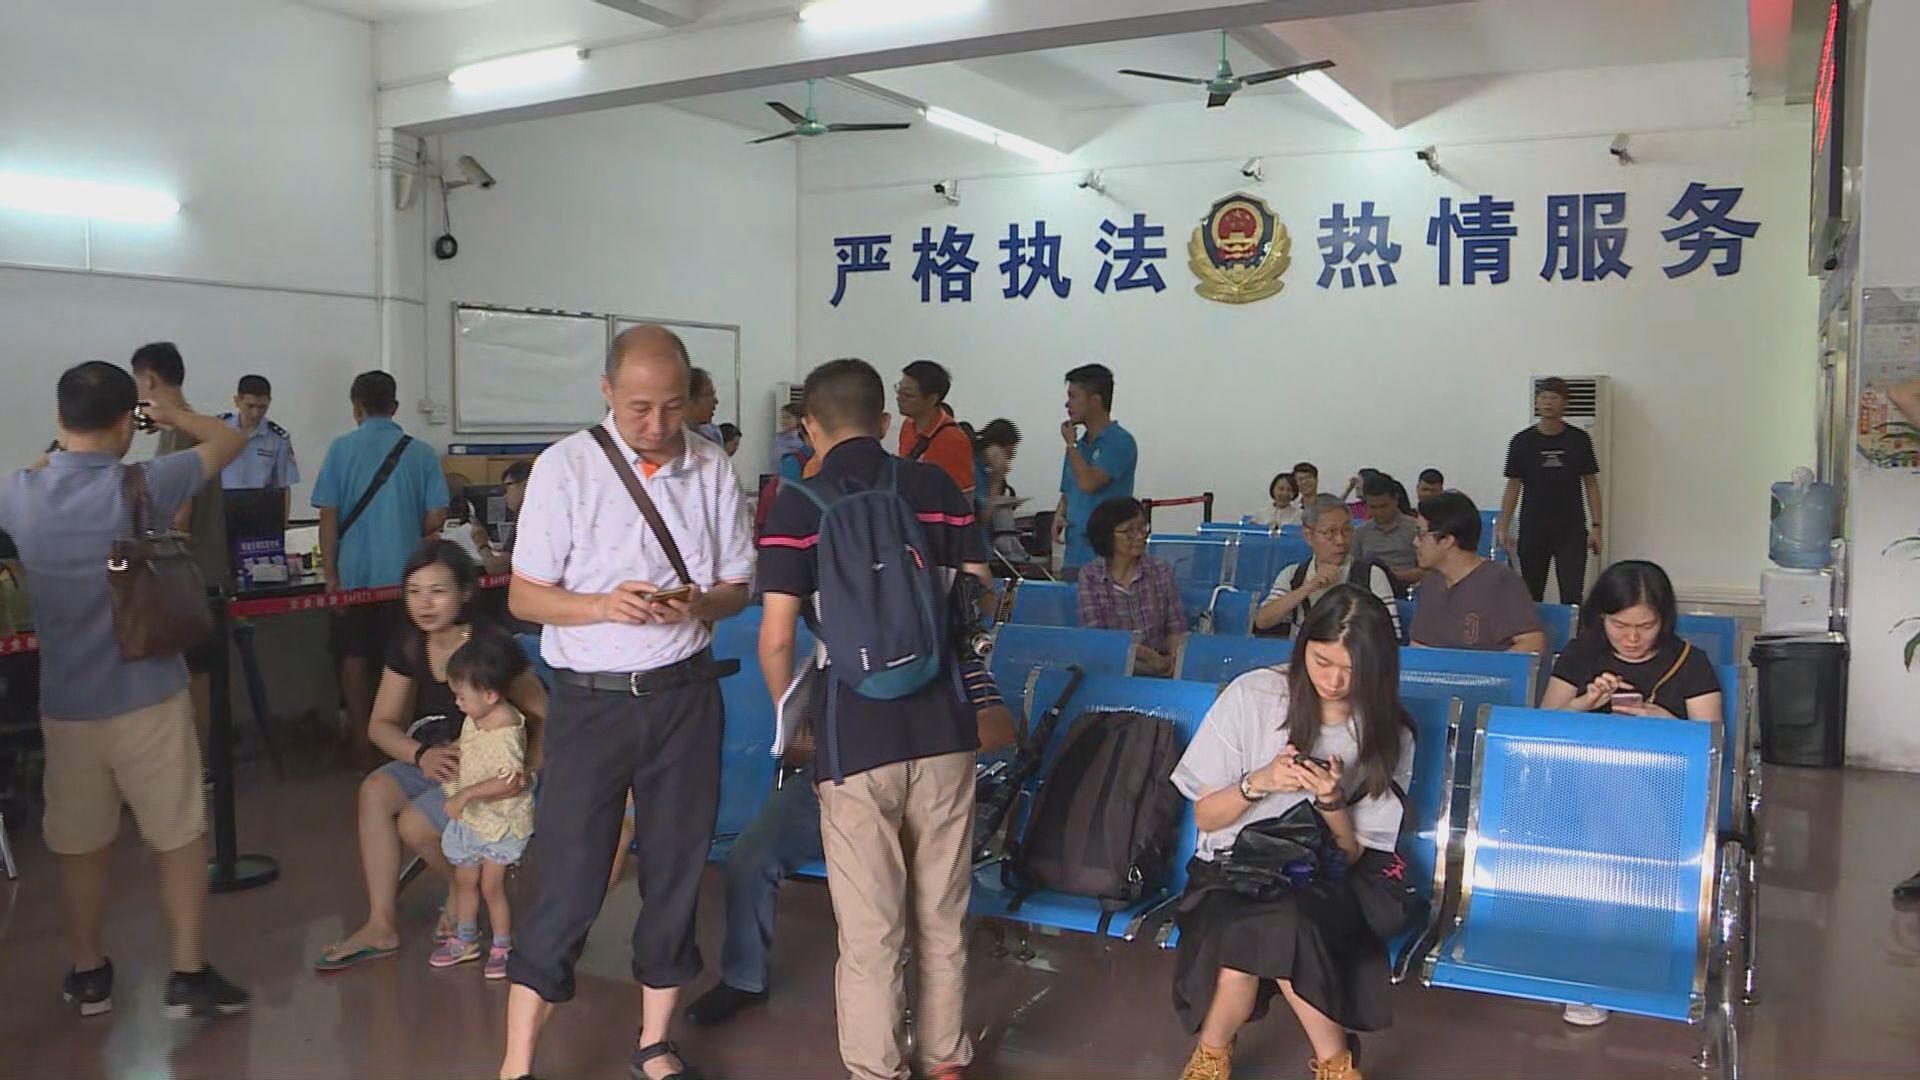 有北京派出所指下周二才能辦理居住證